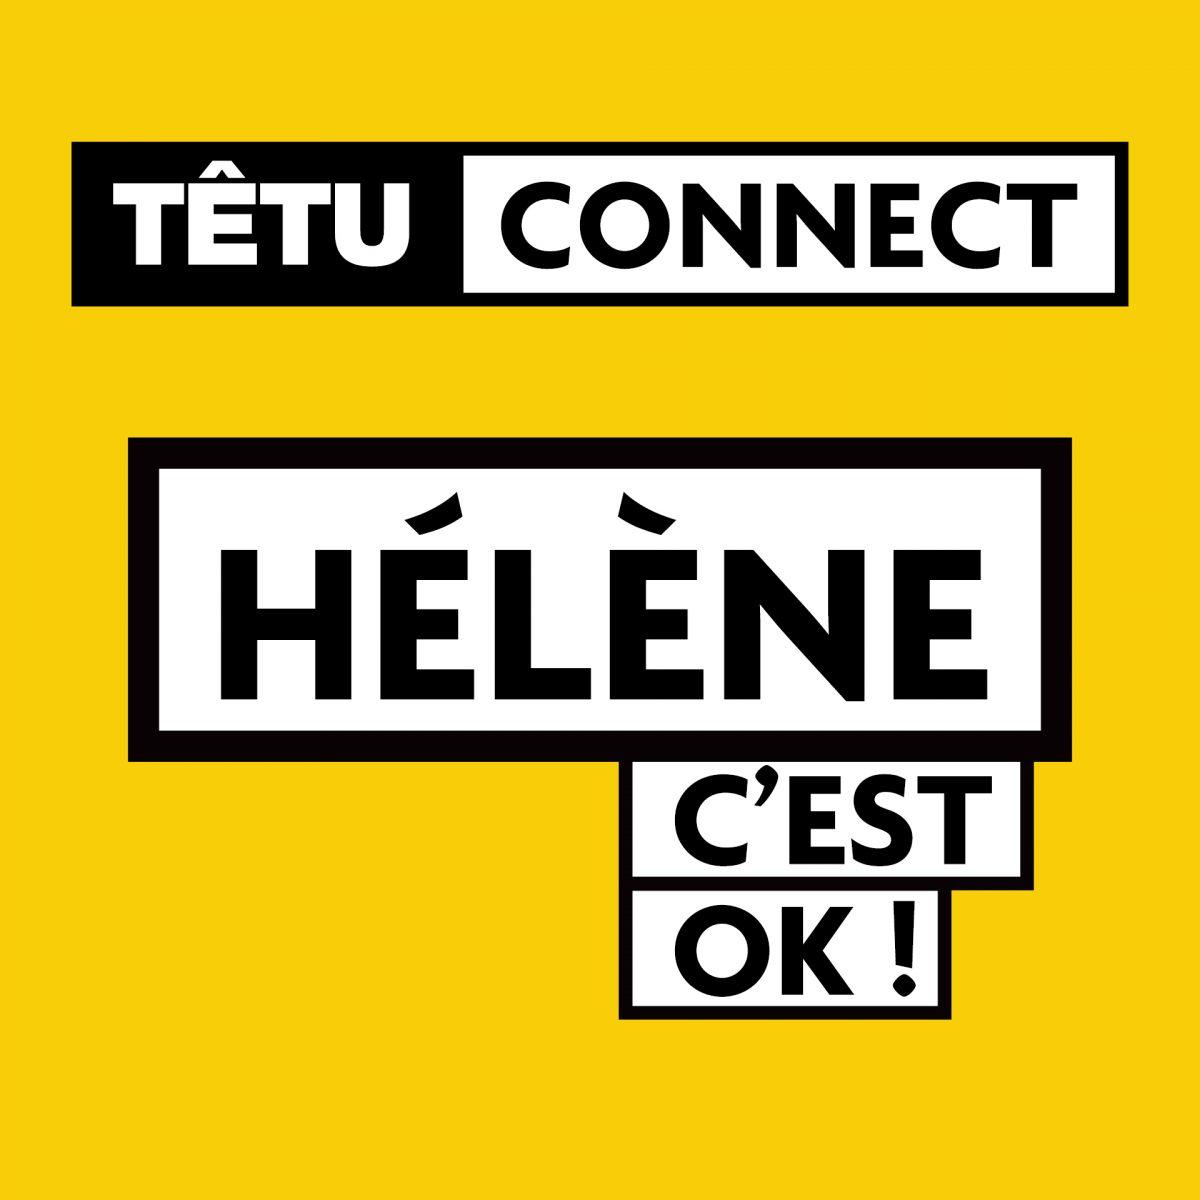 C'EST OK ! #1 HÉLÈNE, UNE TRANSITION TARDIVE MAIS LIBÉRATRICE